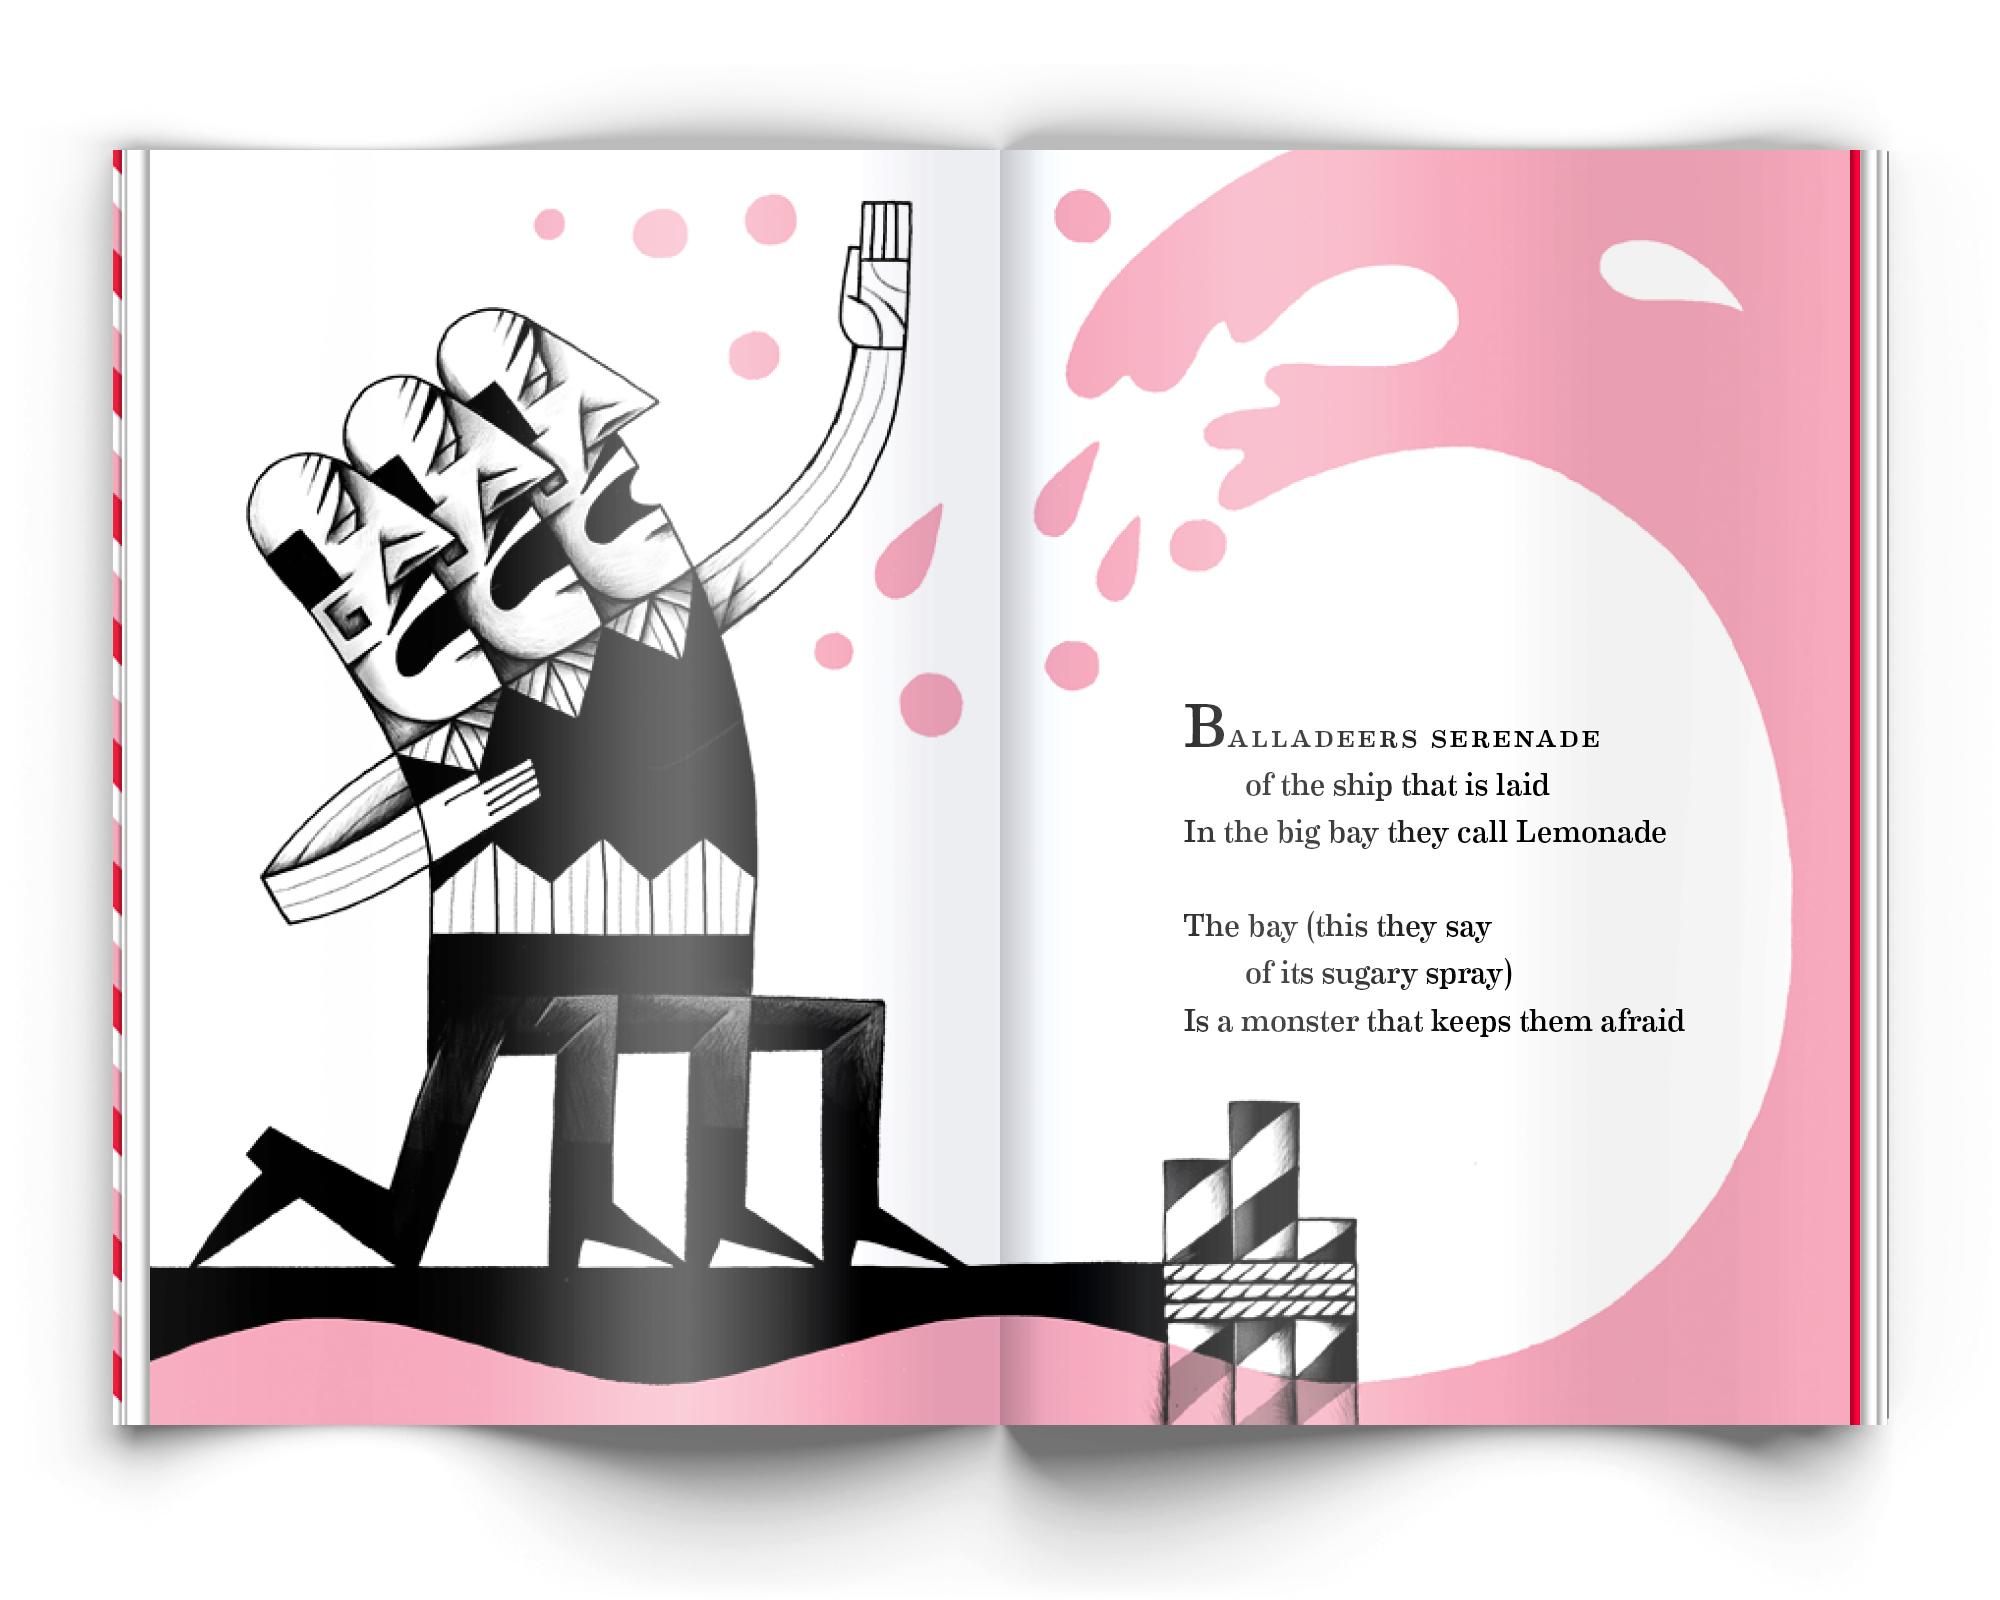 lolly-design-2.jpg